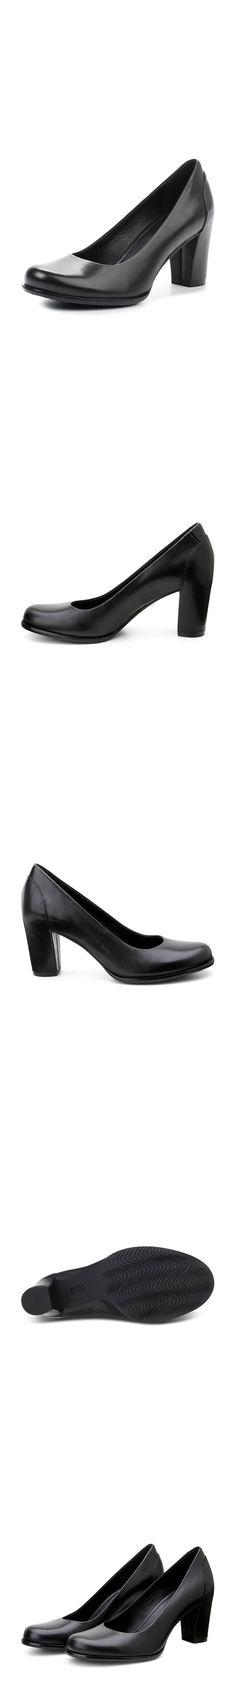 Женская обувь туфли PRETORIA ECCO за 5399.00 руб.